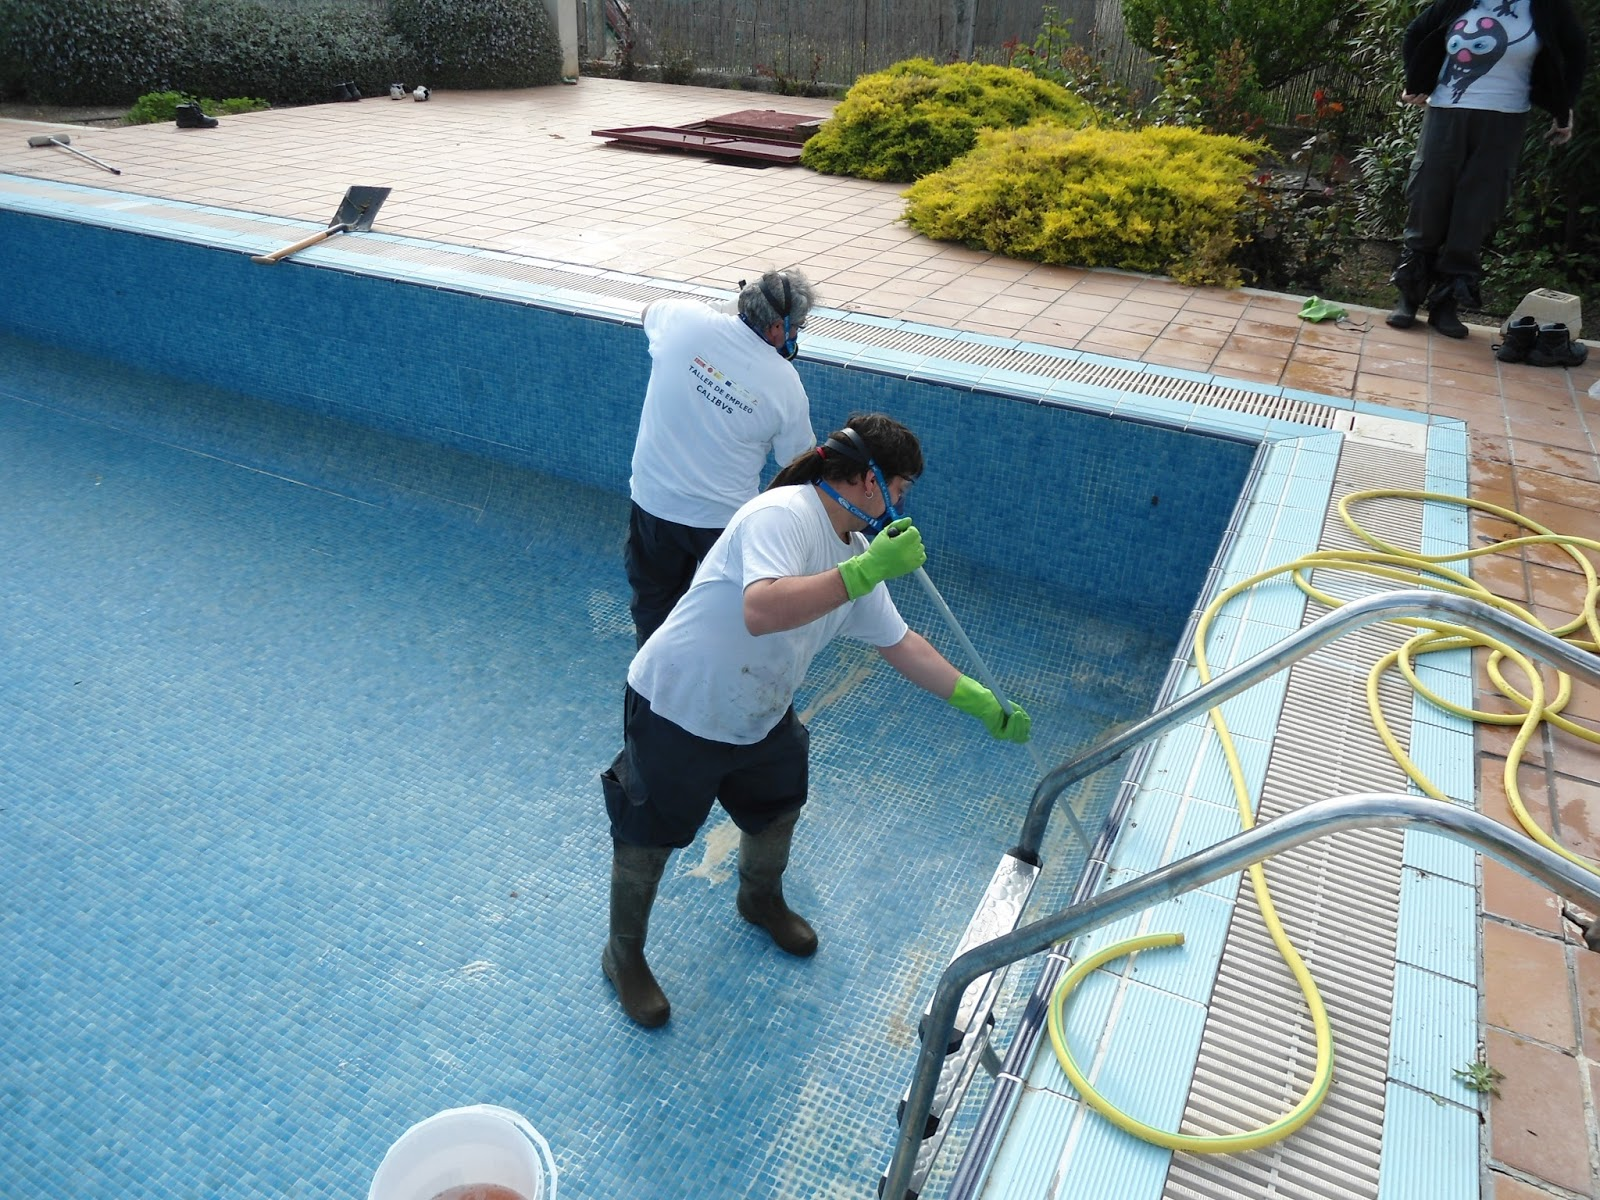 limpiar con agua fuerte